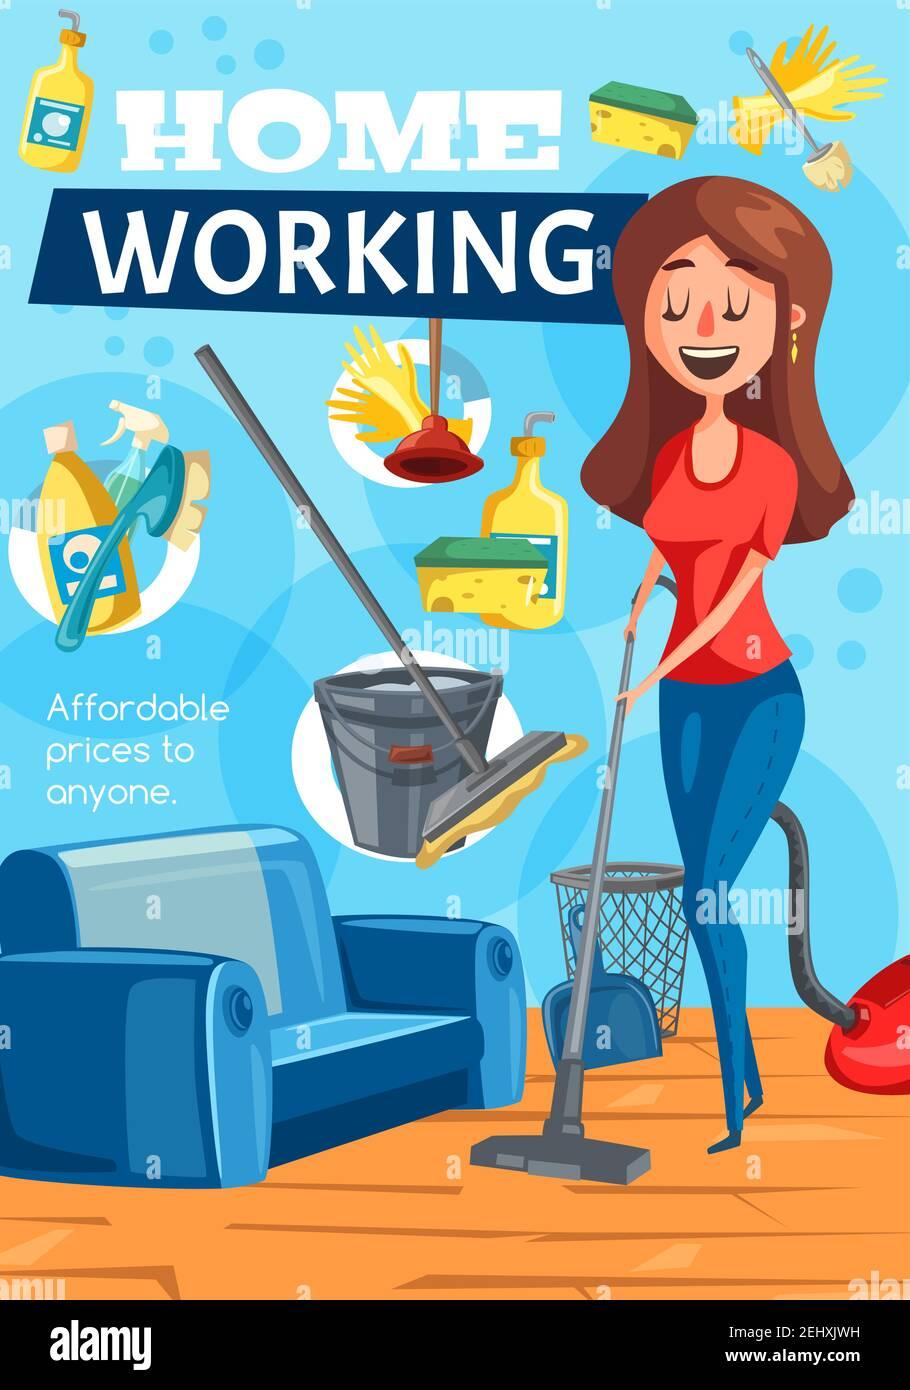 Hausfrau wischen, Frau Reiniger mit Mop Reinigung Hausarbeit ...